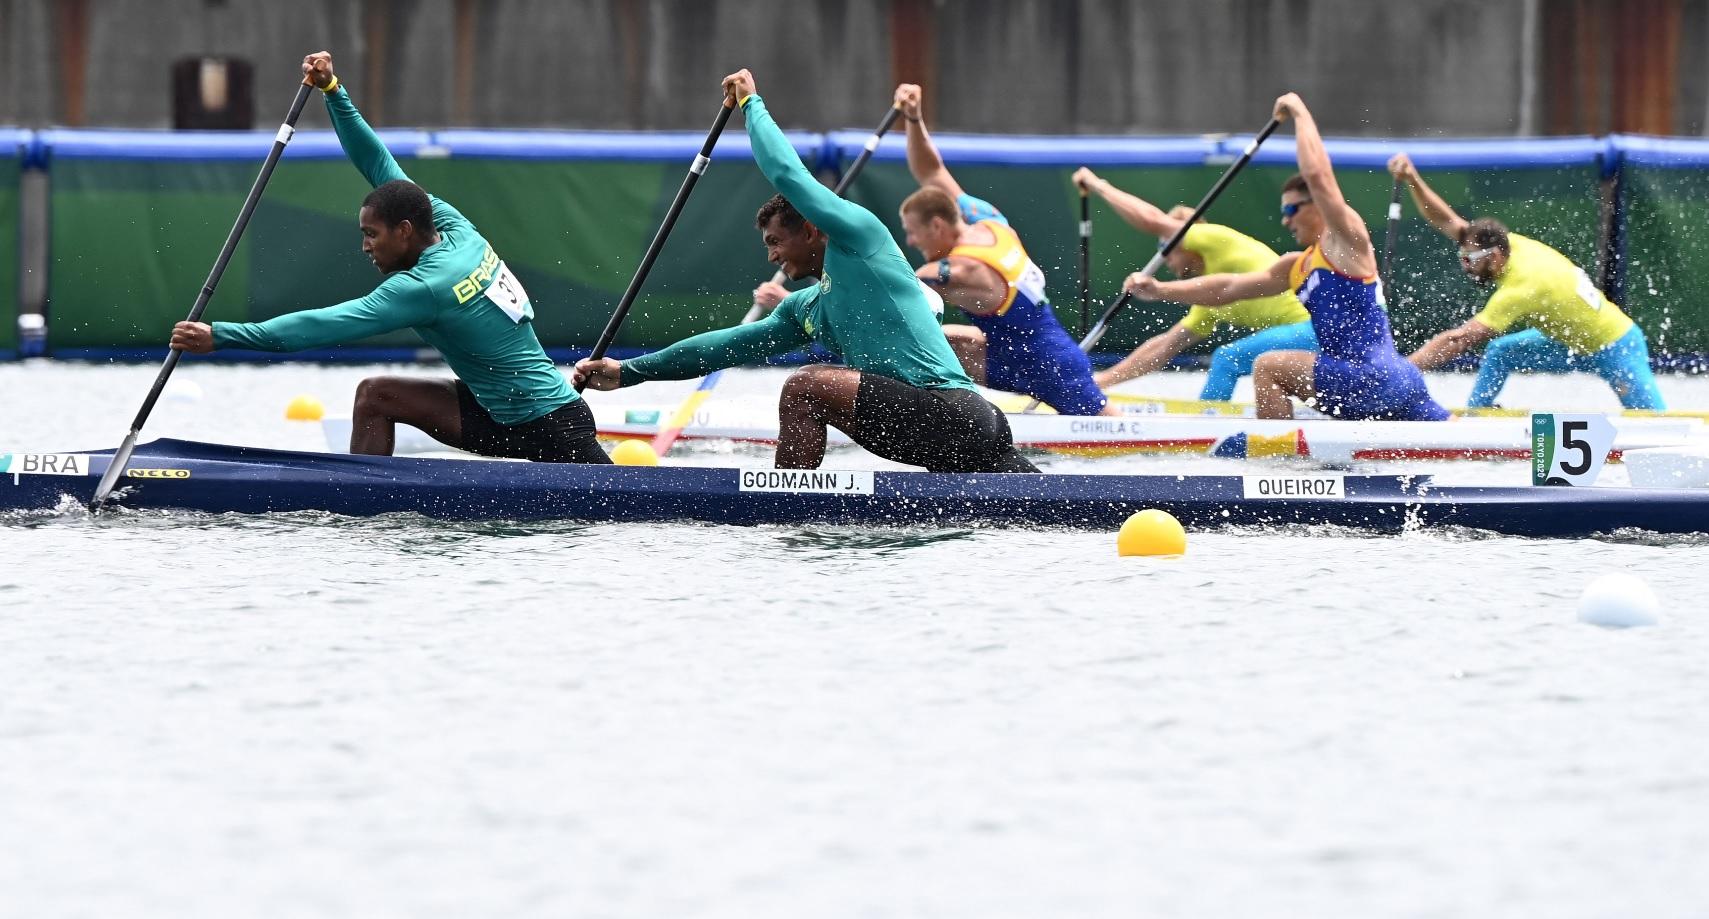 Jocurile Olimpice 2020   Tragem pentru finală. Echipajul de canoe dublu s-a calificat în semifinale